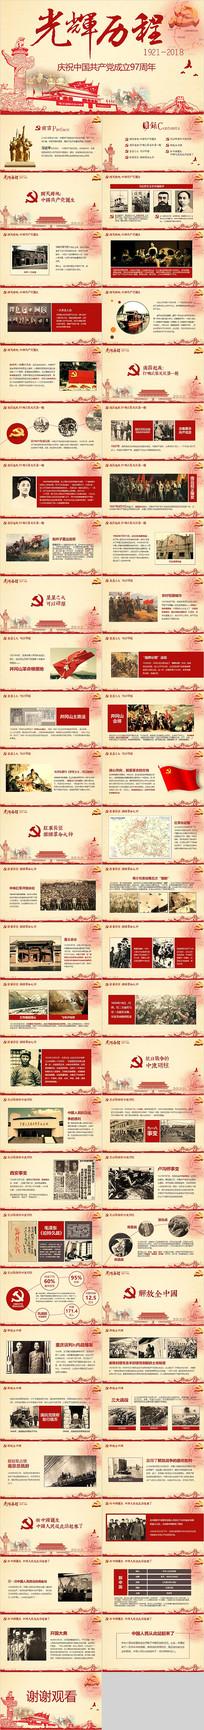 中国共产党97周年光辉历程